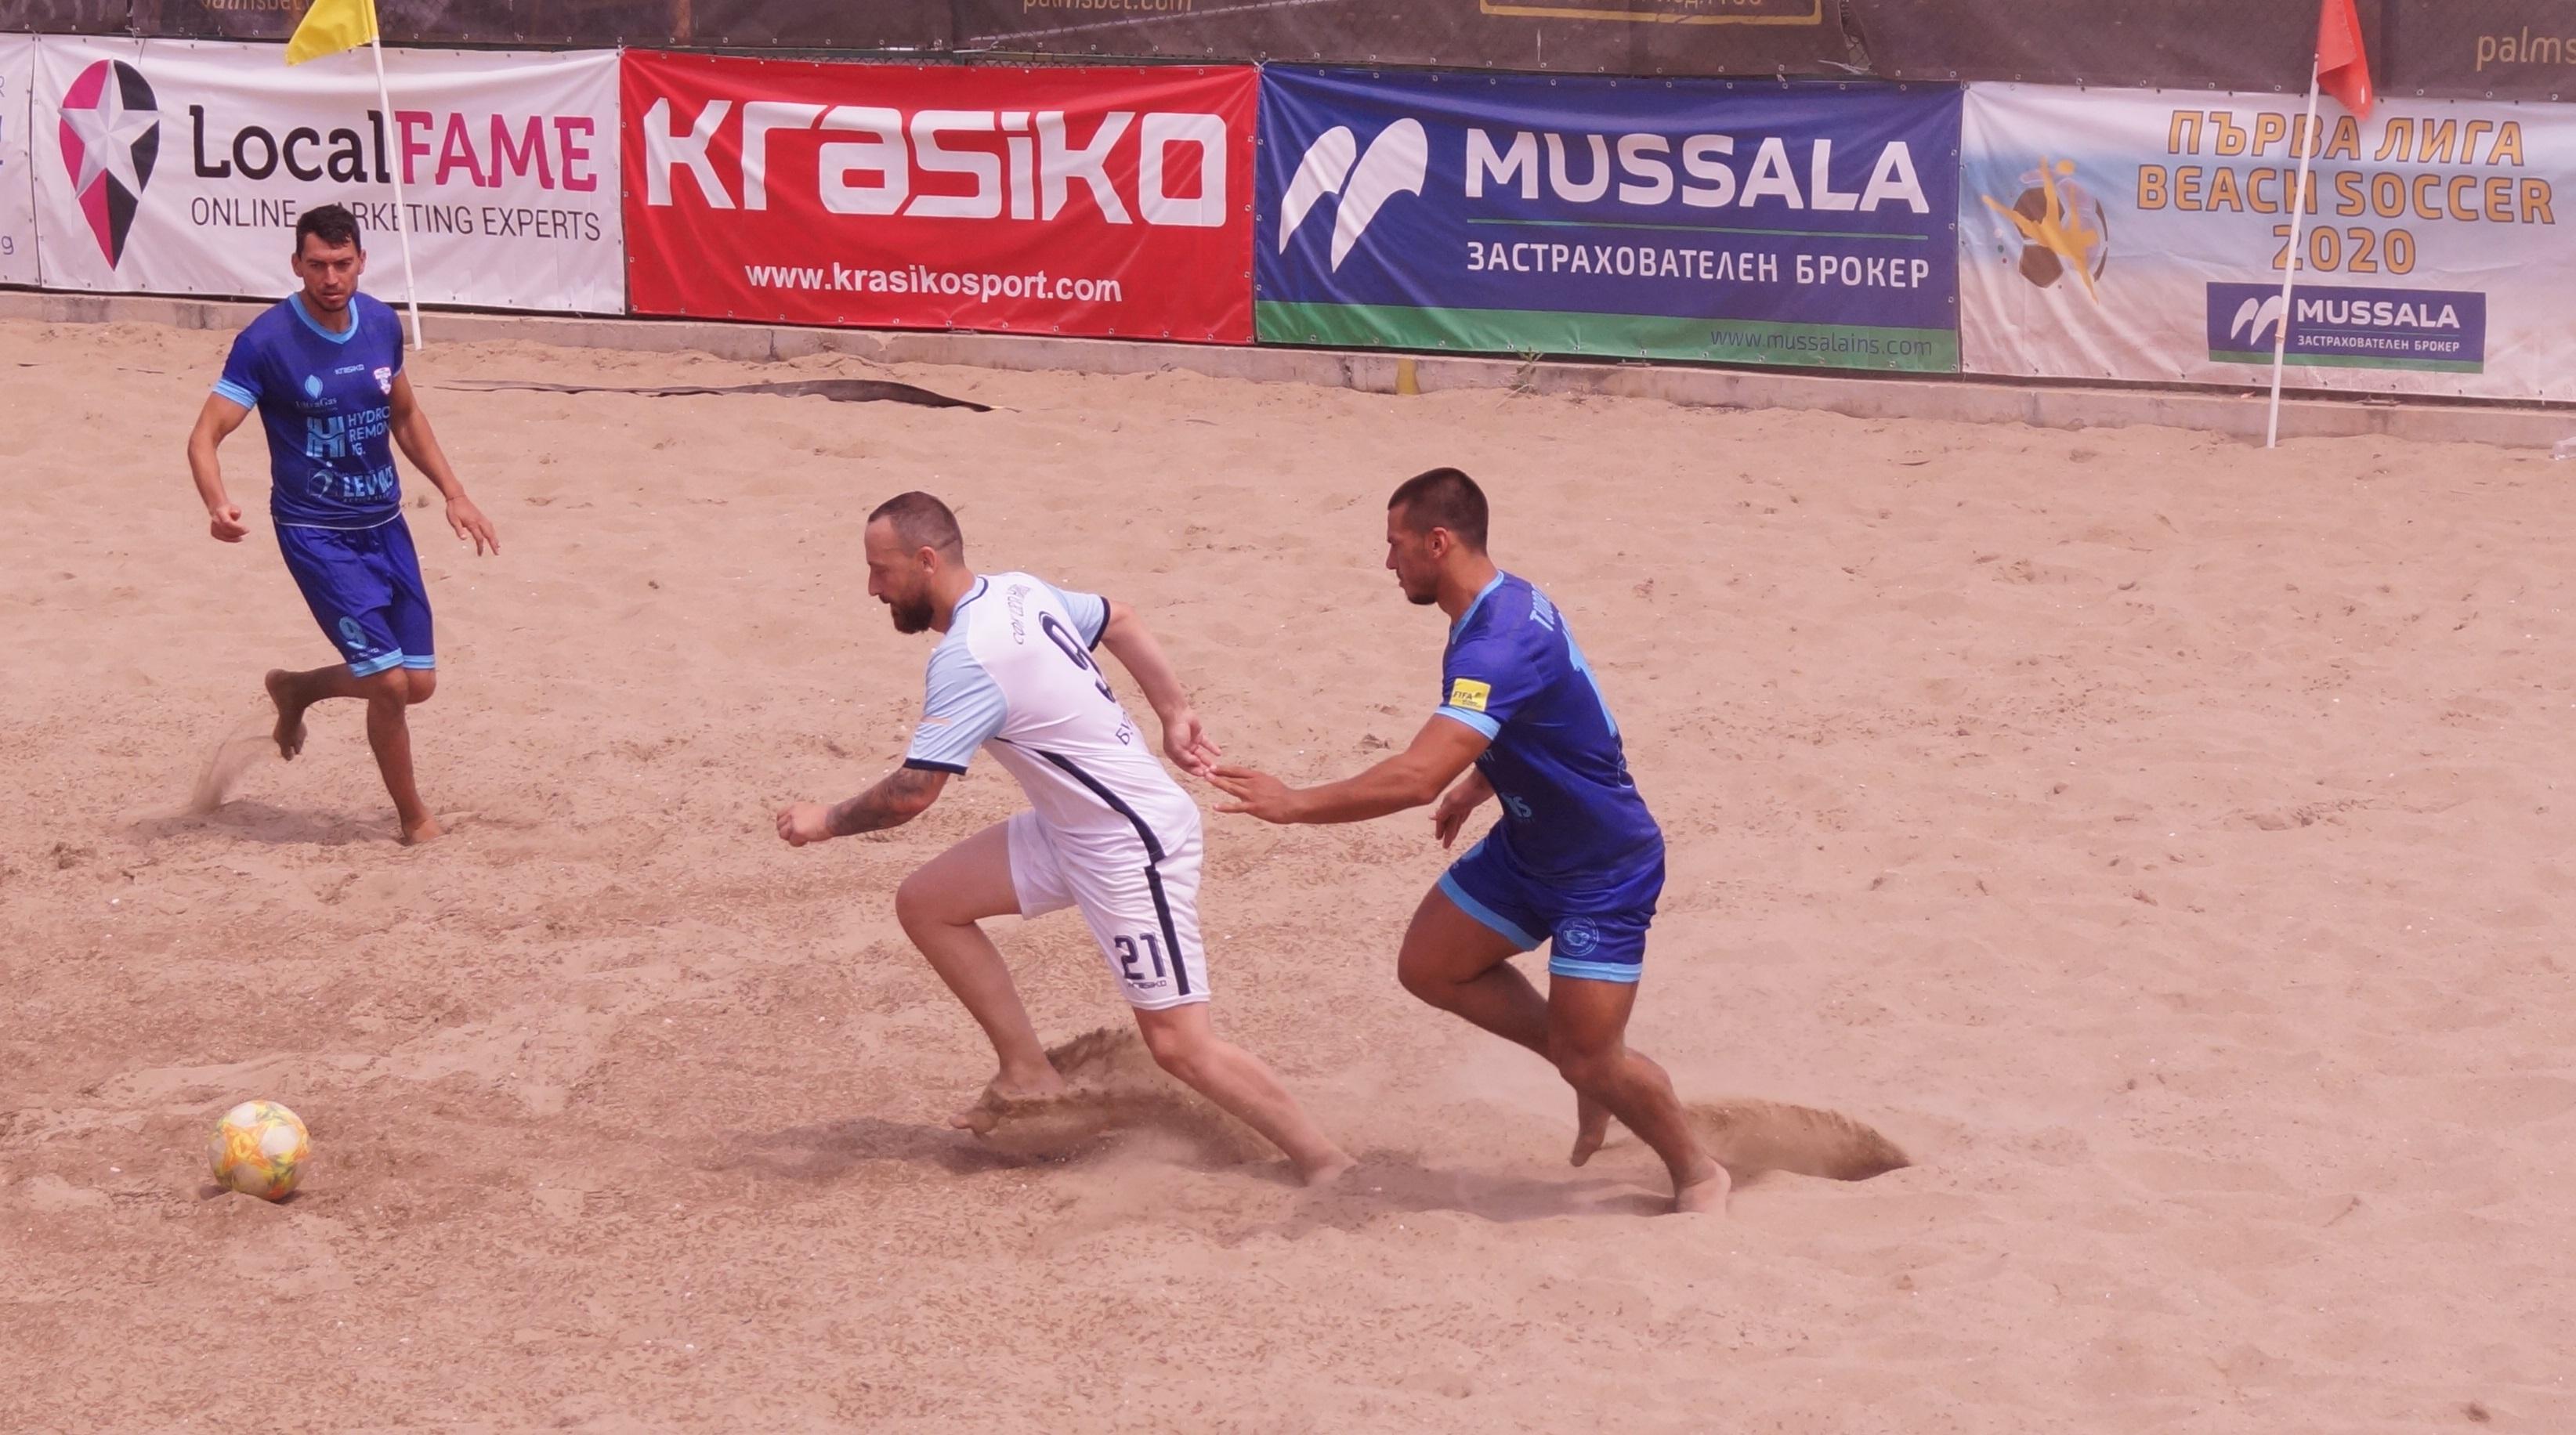 Шампионът на страната по плажен футбол МФК Спартак (Варна) записа